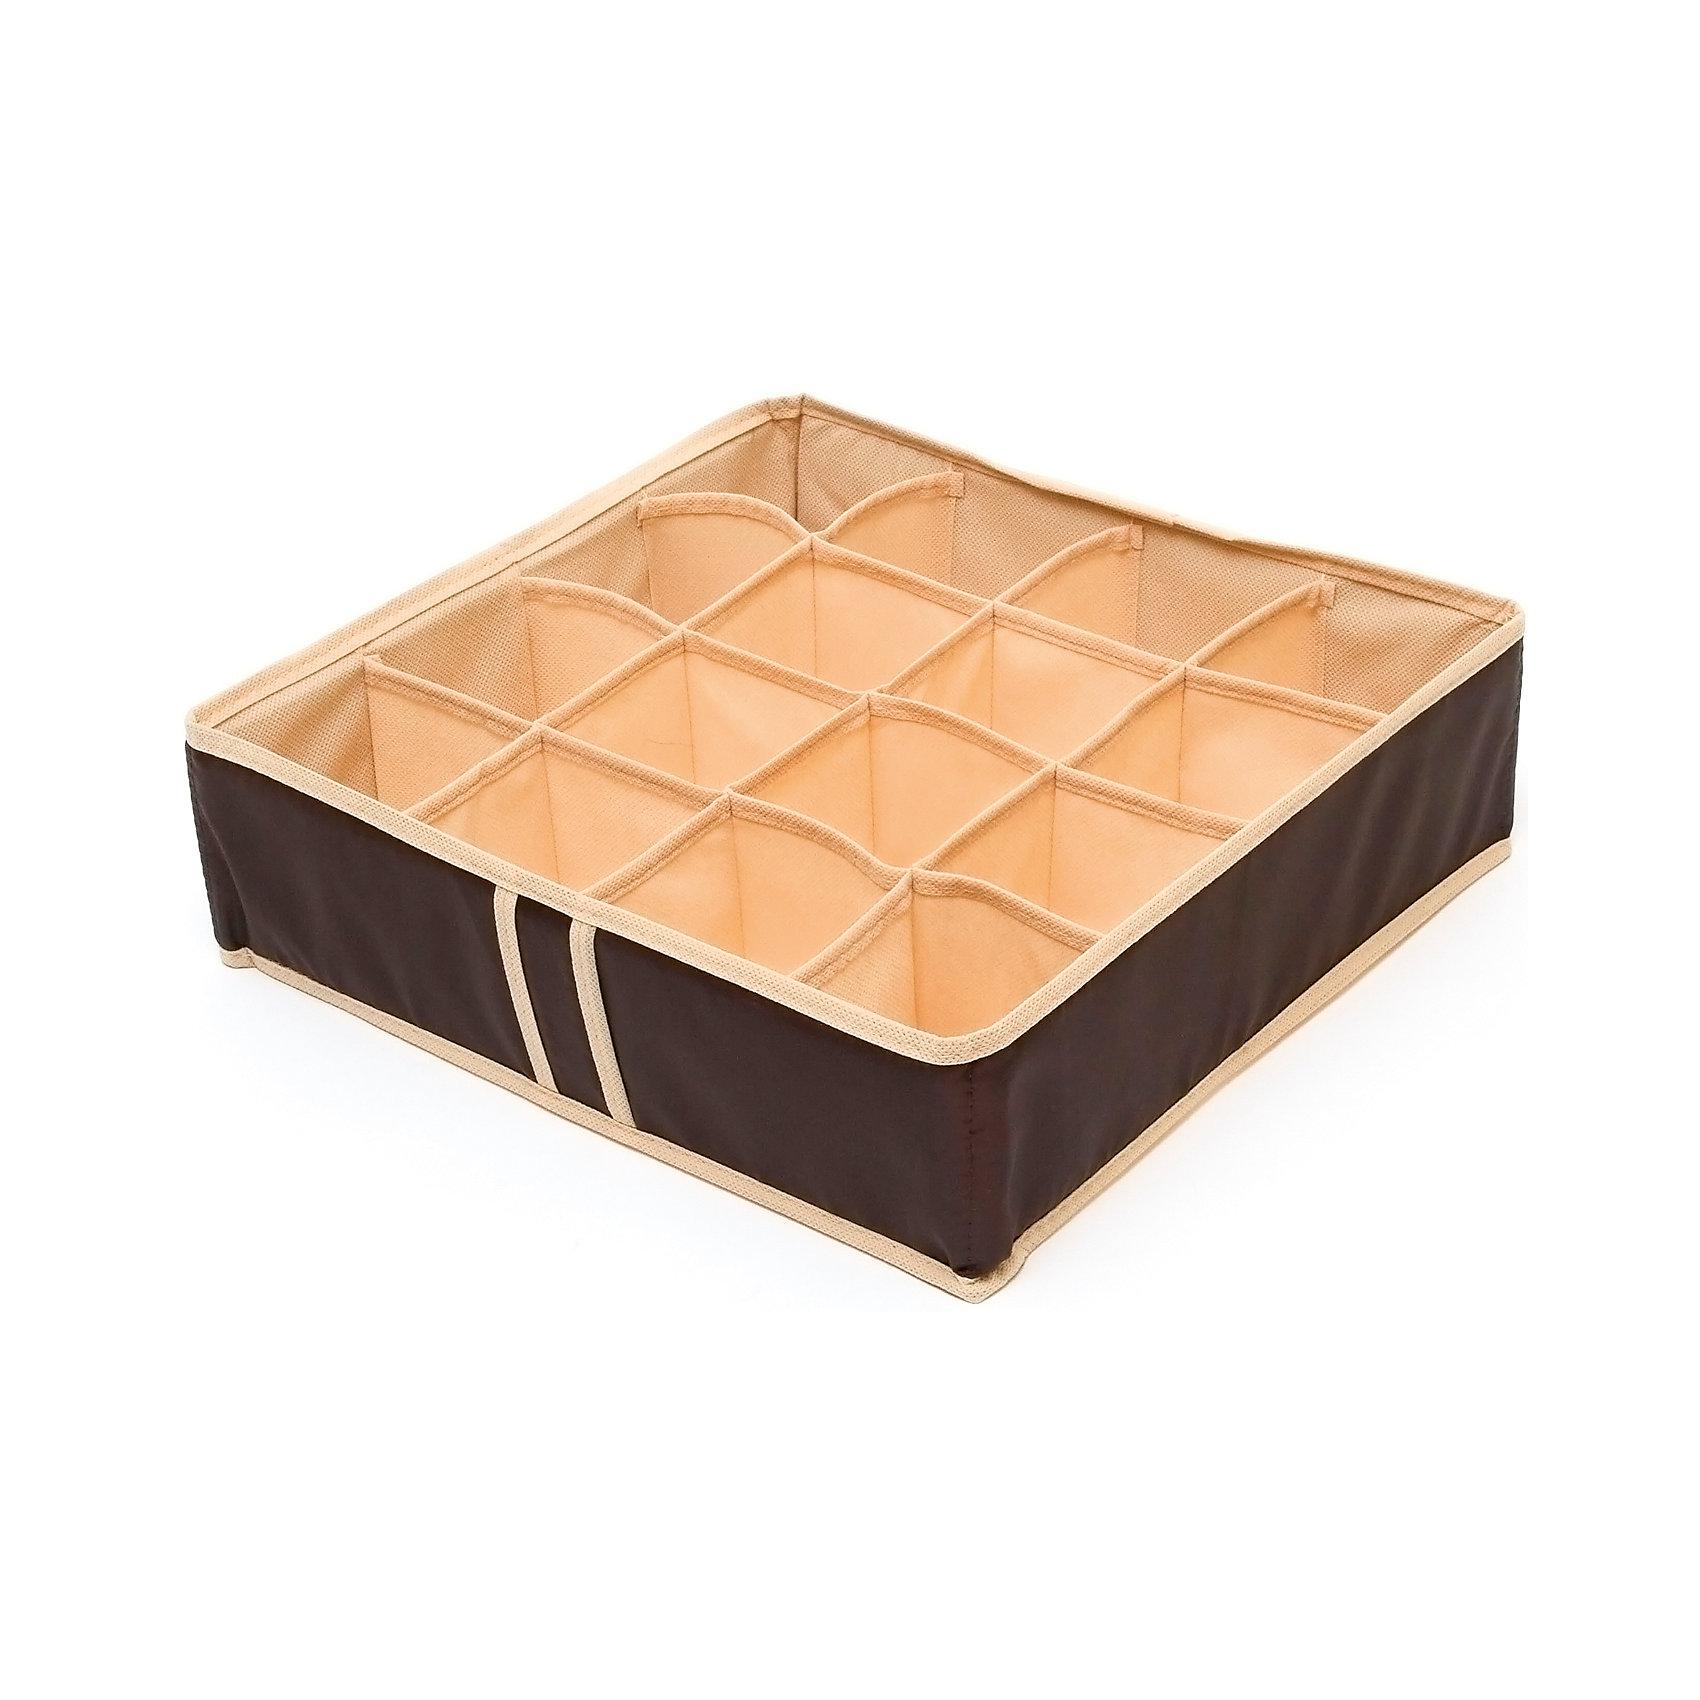 Органайзер на 16 ячеек Costa-Rica, HomsuПорядок в детской<br>Характеристики товара:<br><br>• цвет: коричневый<br>• материал: полиэстер, картон<br>• размер: 35х35х10 см<br>• вес: 200 г<br>• легкий прочный каркас<br>• обеспечивает естественную вентиляцию<br>• вместимость: 16 отделений<br>• страна бренда: Россия<br>• страна изготовитель: Китай<br><br>Органайзер на 16 ячеек Costa-Rica от бренда Homsu (Хомсу) - очень удобная вещь для хранения вещей и эргономичной организации пространства.<br><br>Он легкий, устойчивый, вместительный, обеспечивает естественную вентиляцию.<br><br>Органайзер для бюстгальтеров на 16 ячеек Costa-Rica, Homsu можно купить в нашем интернет-магазине.<br><br>Ширина мм: 350<br>Глубина мм: 100<br>Высота мм: 20<br>Вес г: 200<br>Возраст от месяцев: 216<br>Возраст до месяцев: 1188<br>Пол: Унисекс<br>Возраст: Детский<br>SKU: 5620222